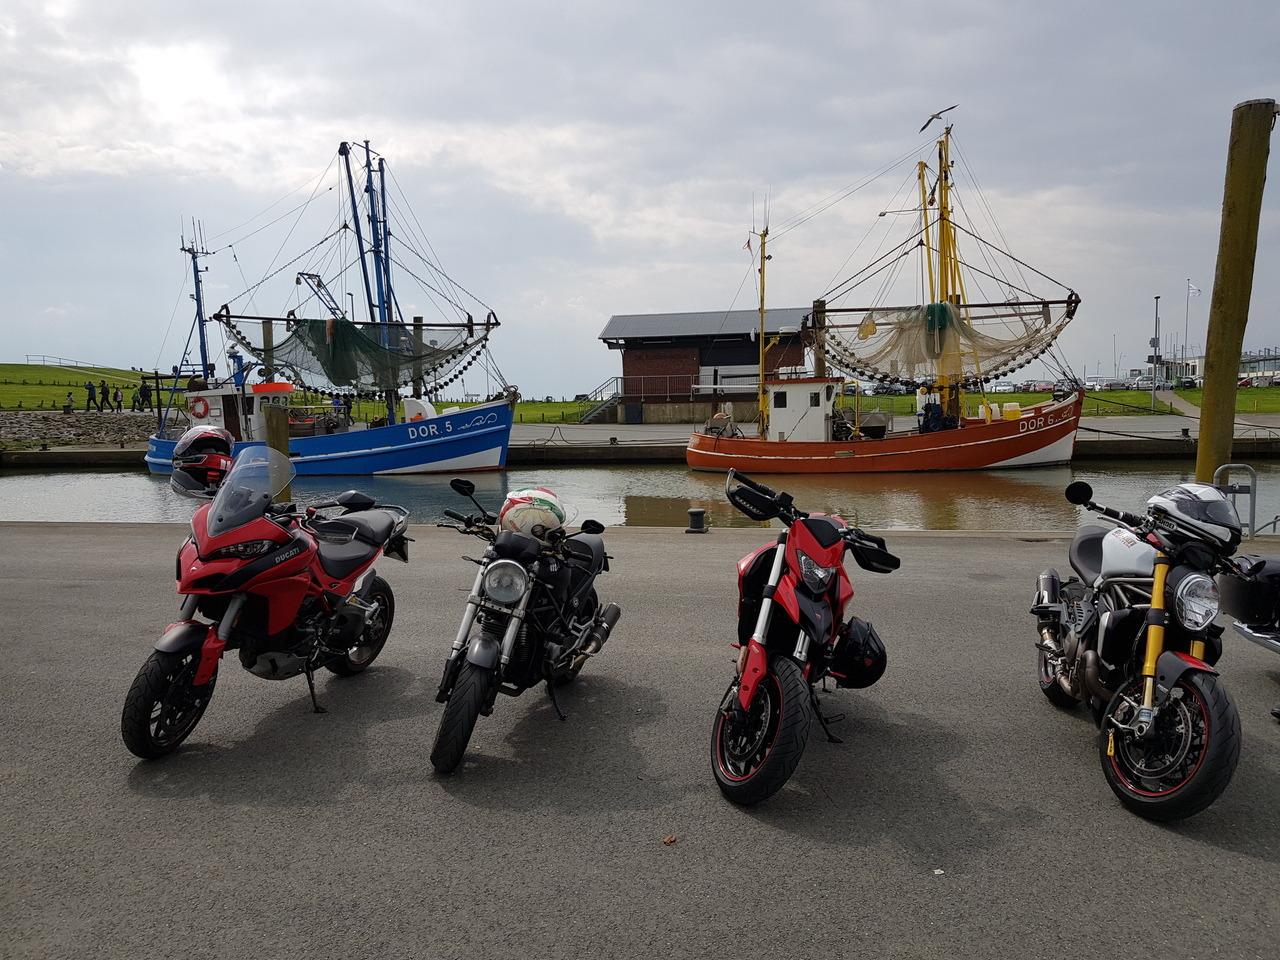 Carstens Krabbenkutter Tour nach Dorum